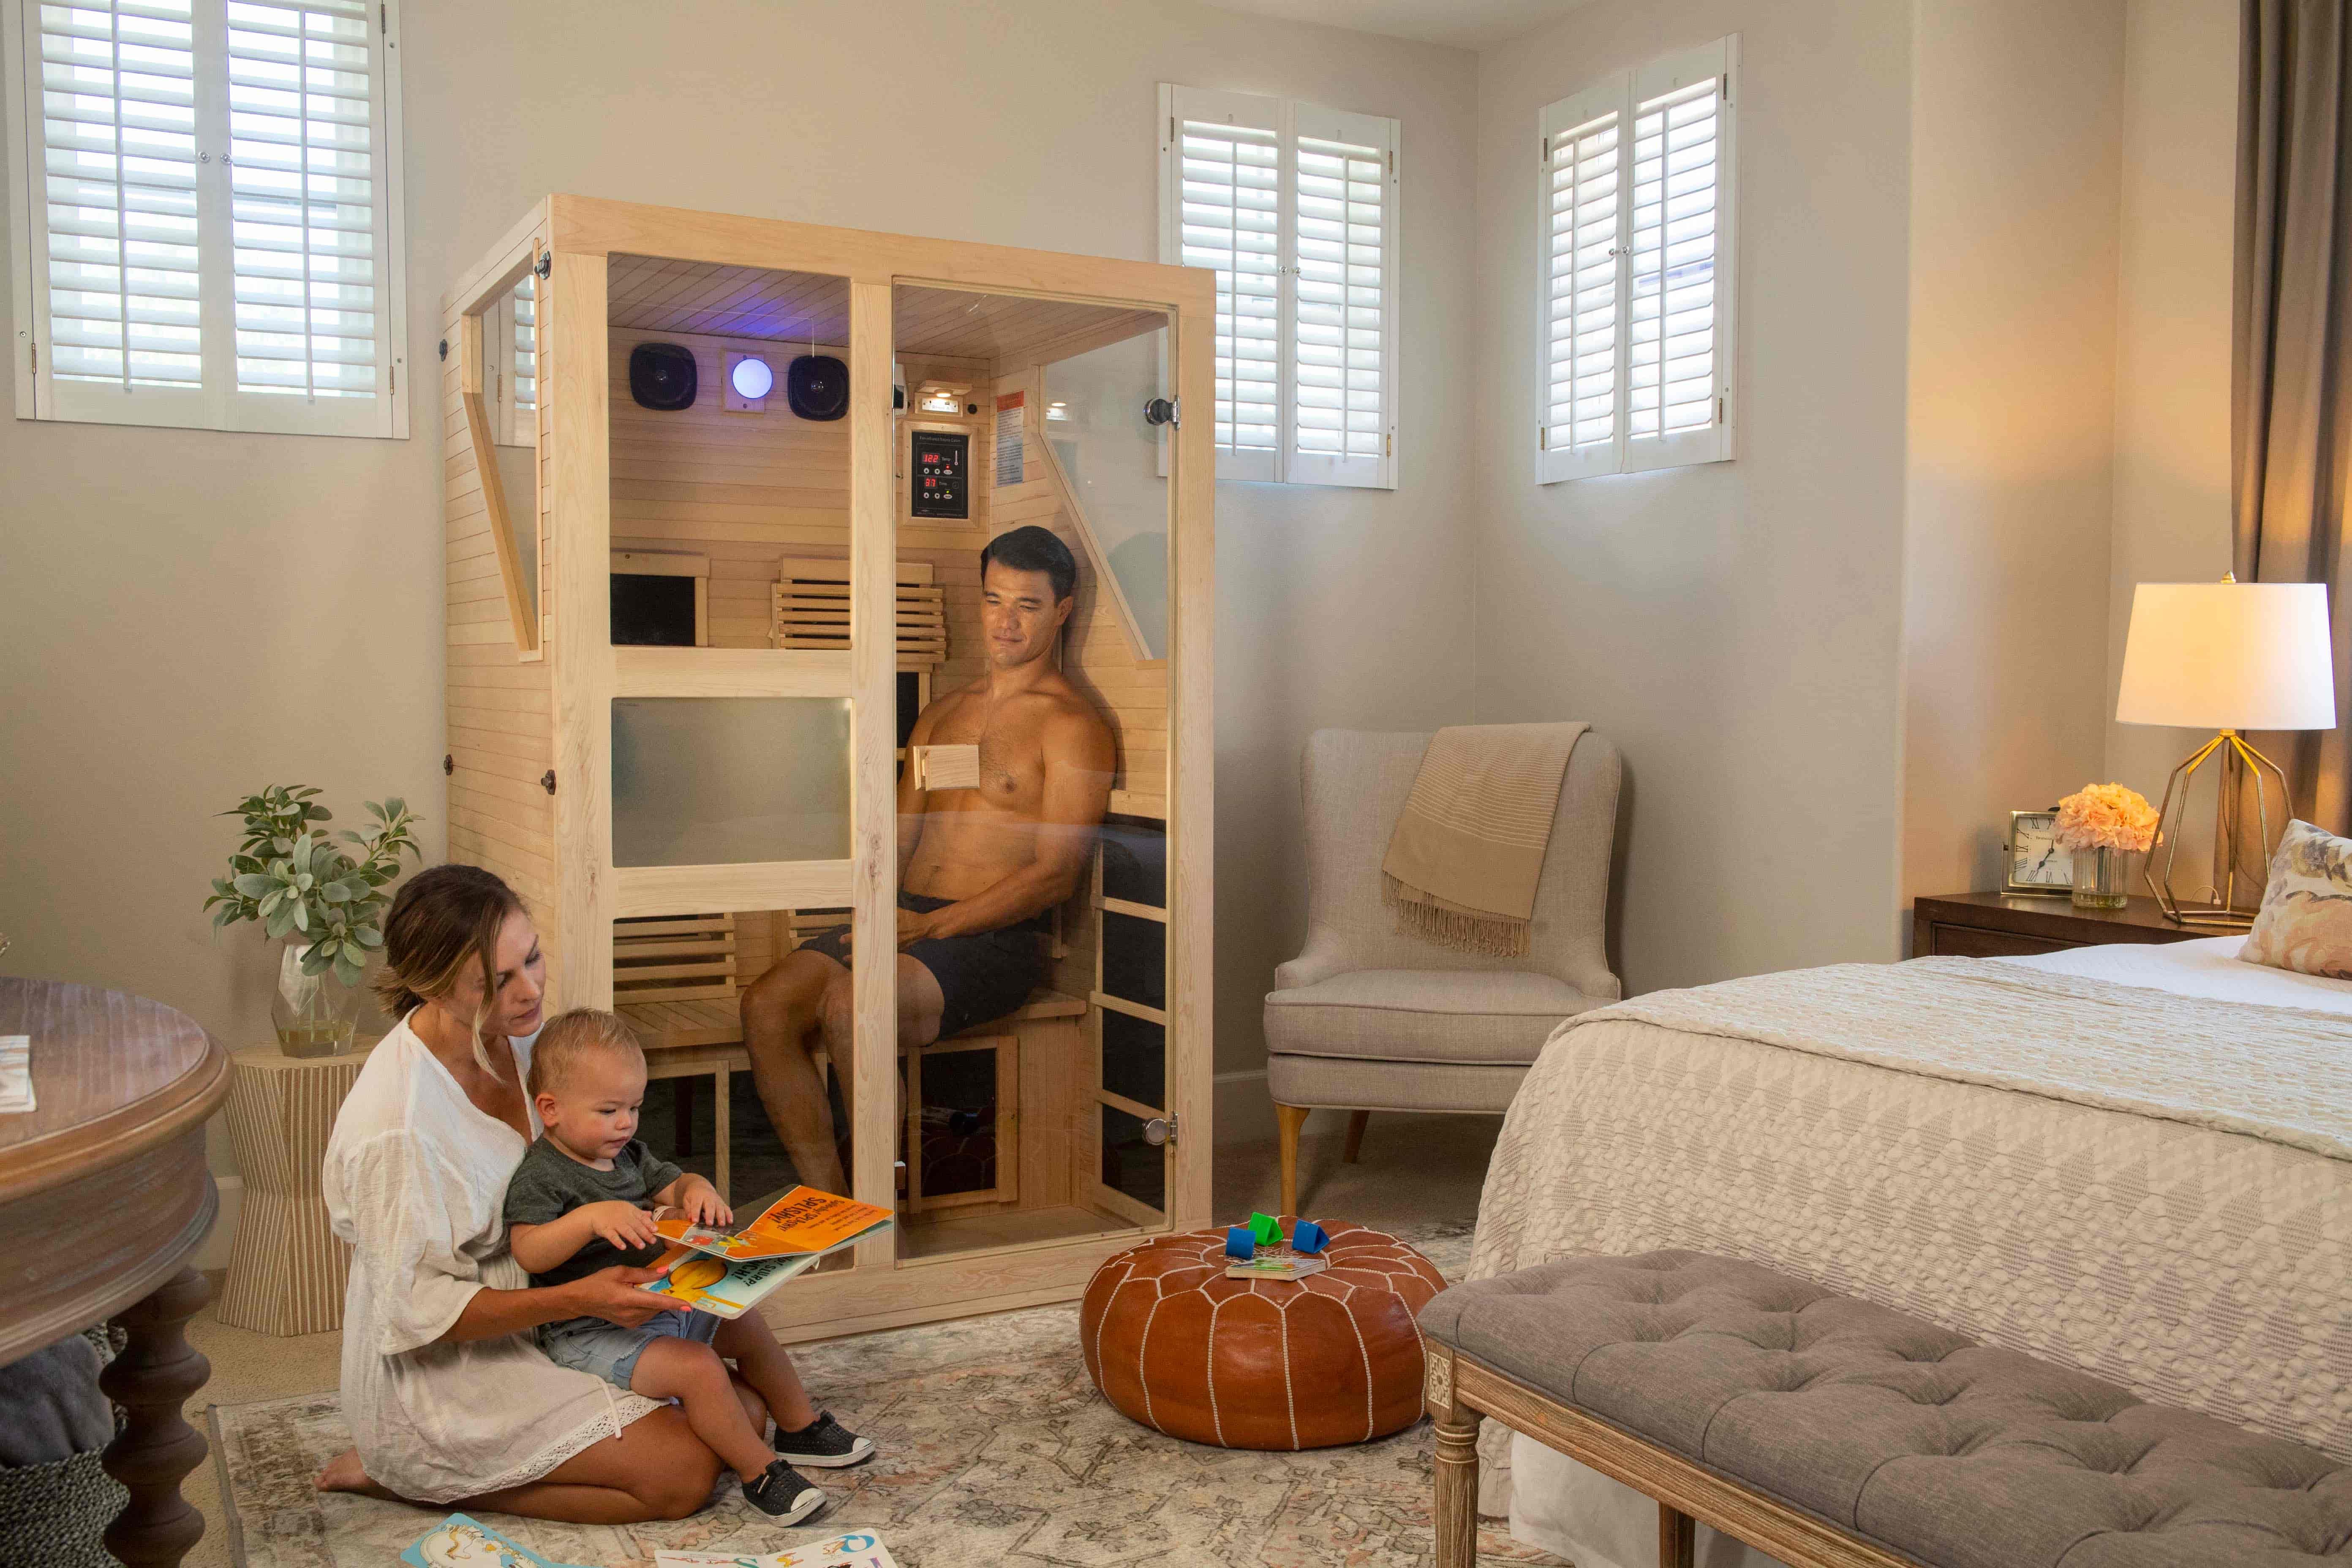 Ensi 2 Person Ultra-Low EMF Infrared Sauna